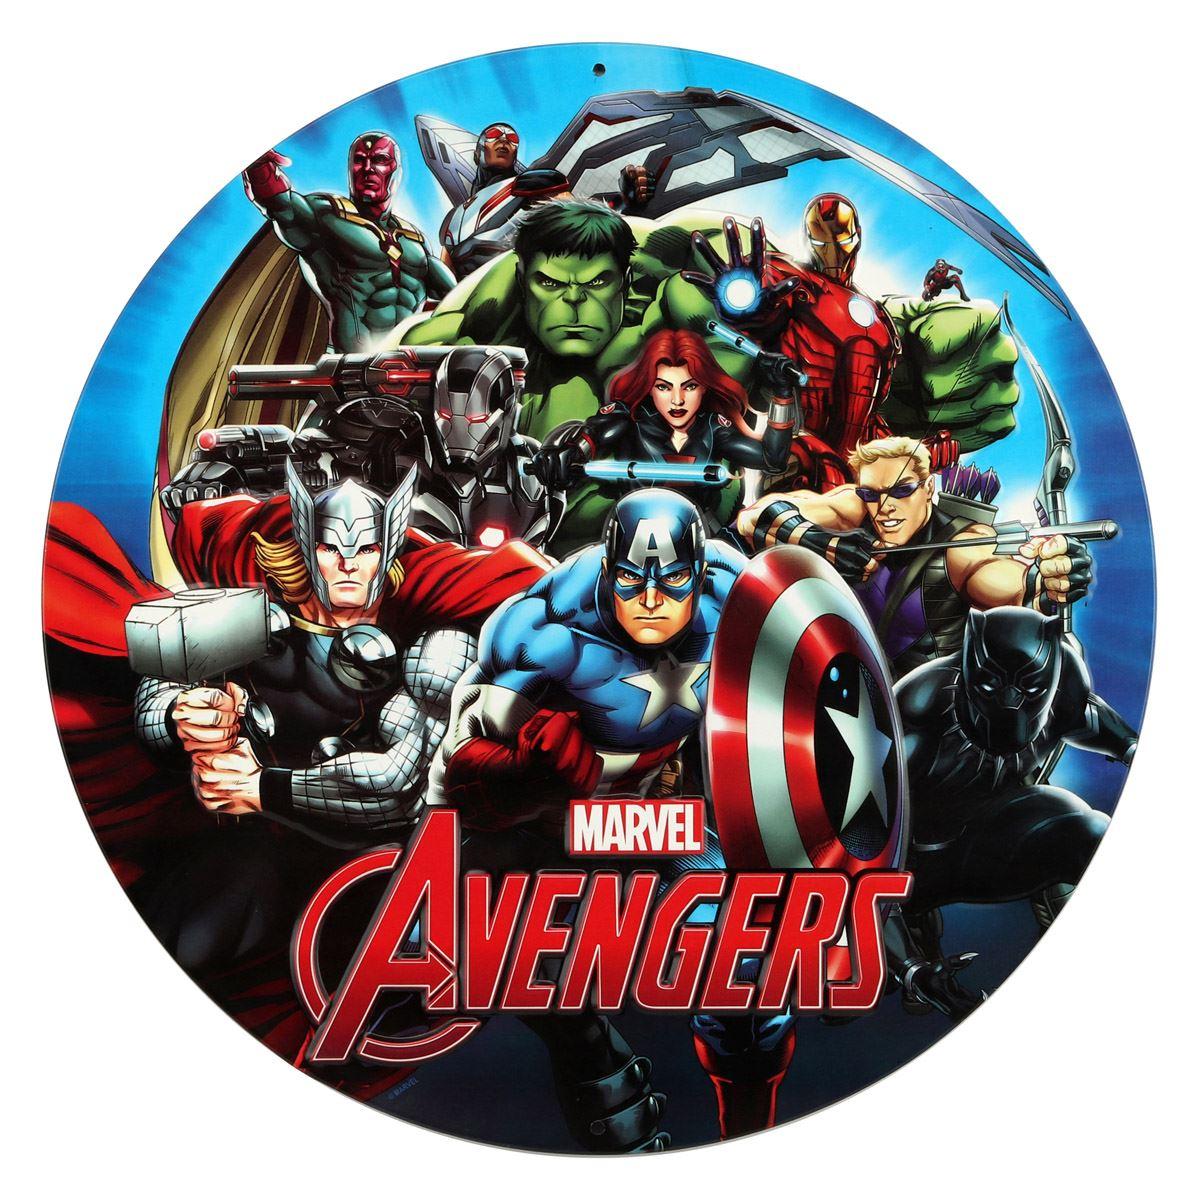 Placa de adorno Avengers